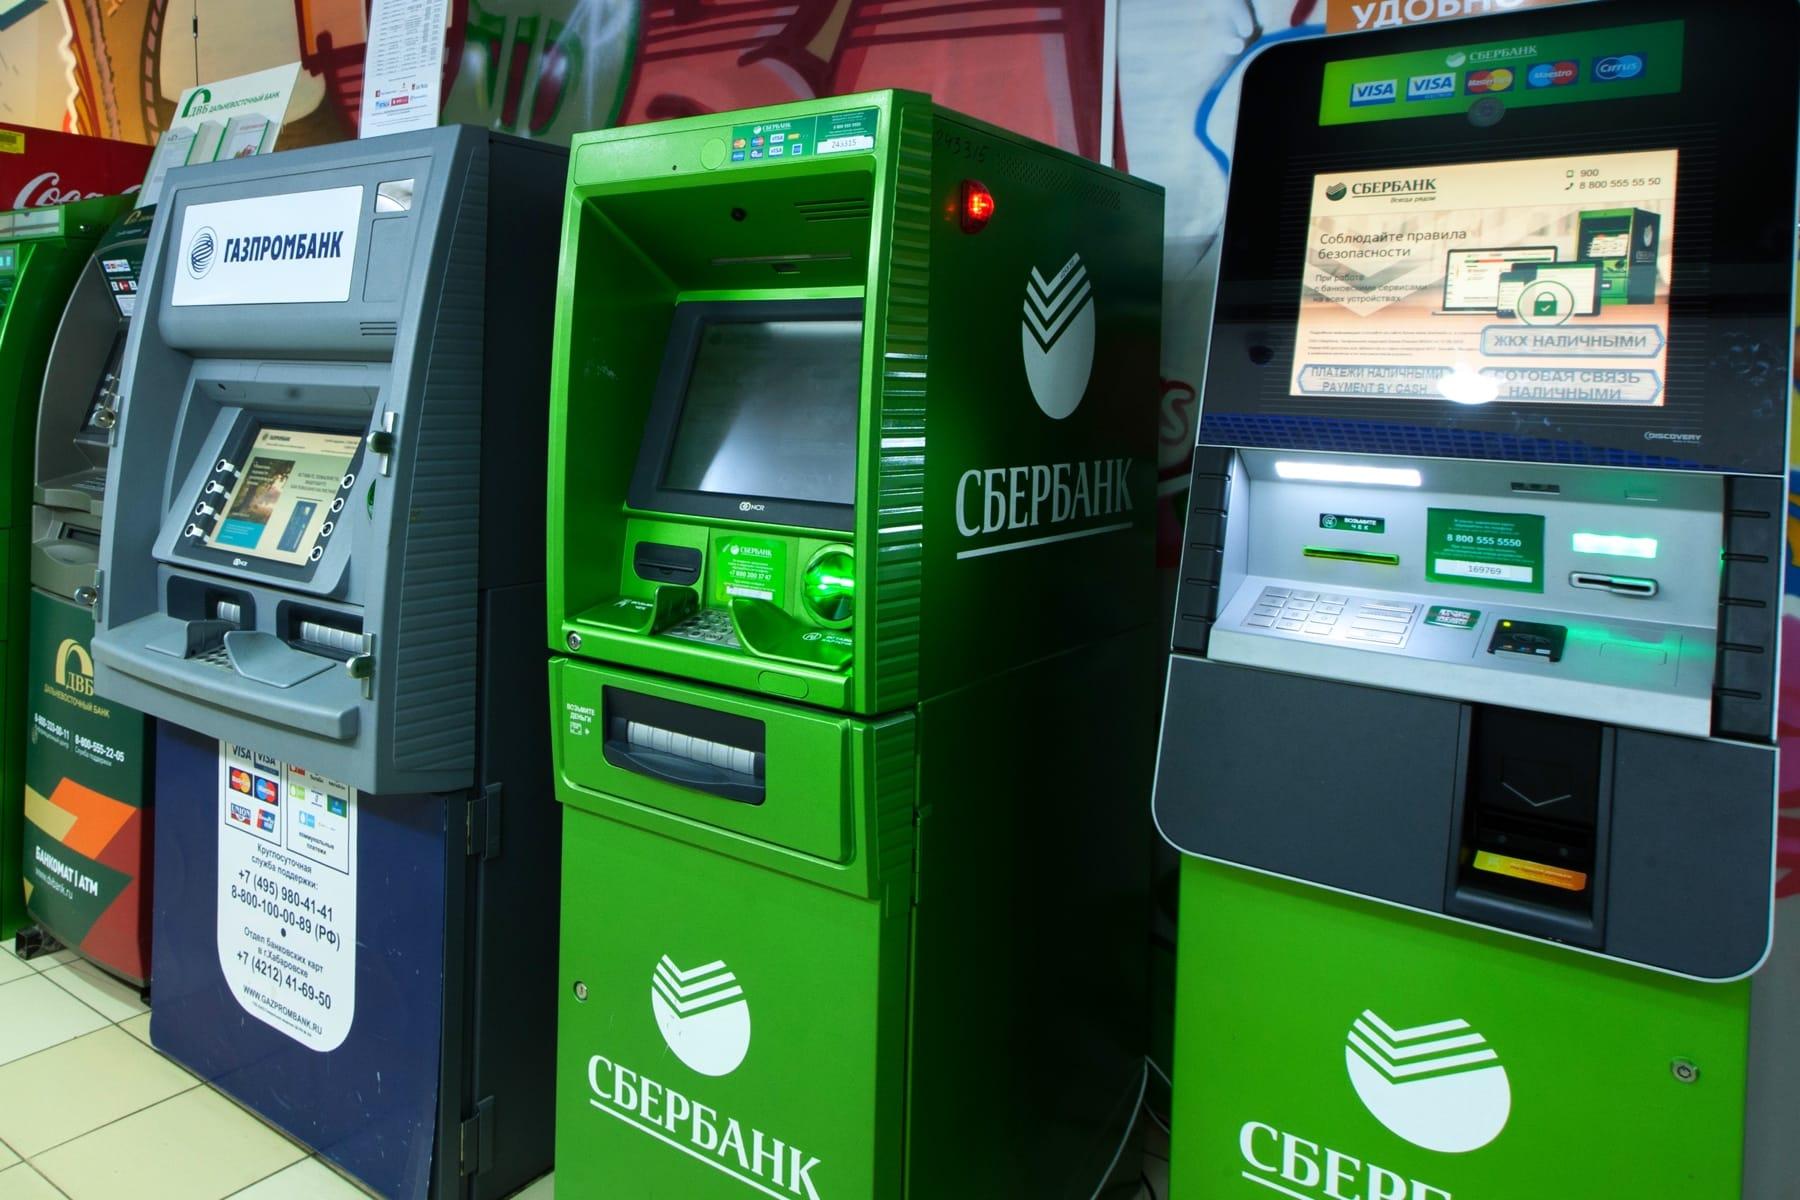 Сбербанк ввёл комиссию 1% за каждый перевод через банкоматы